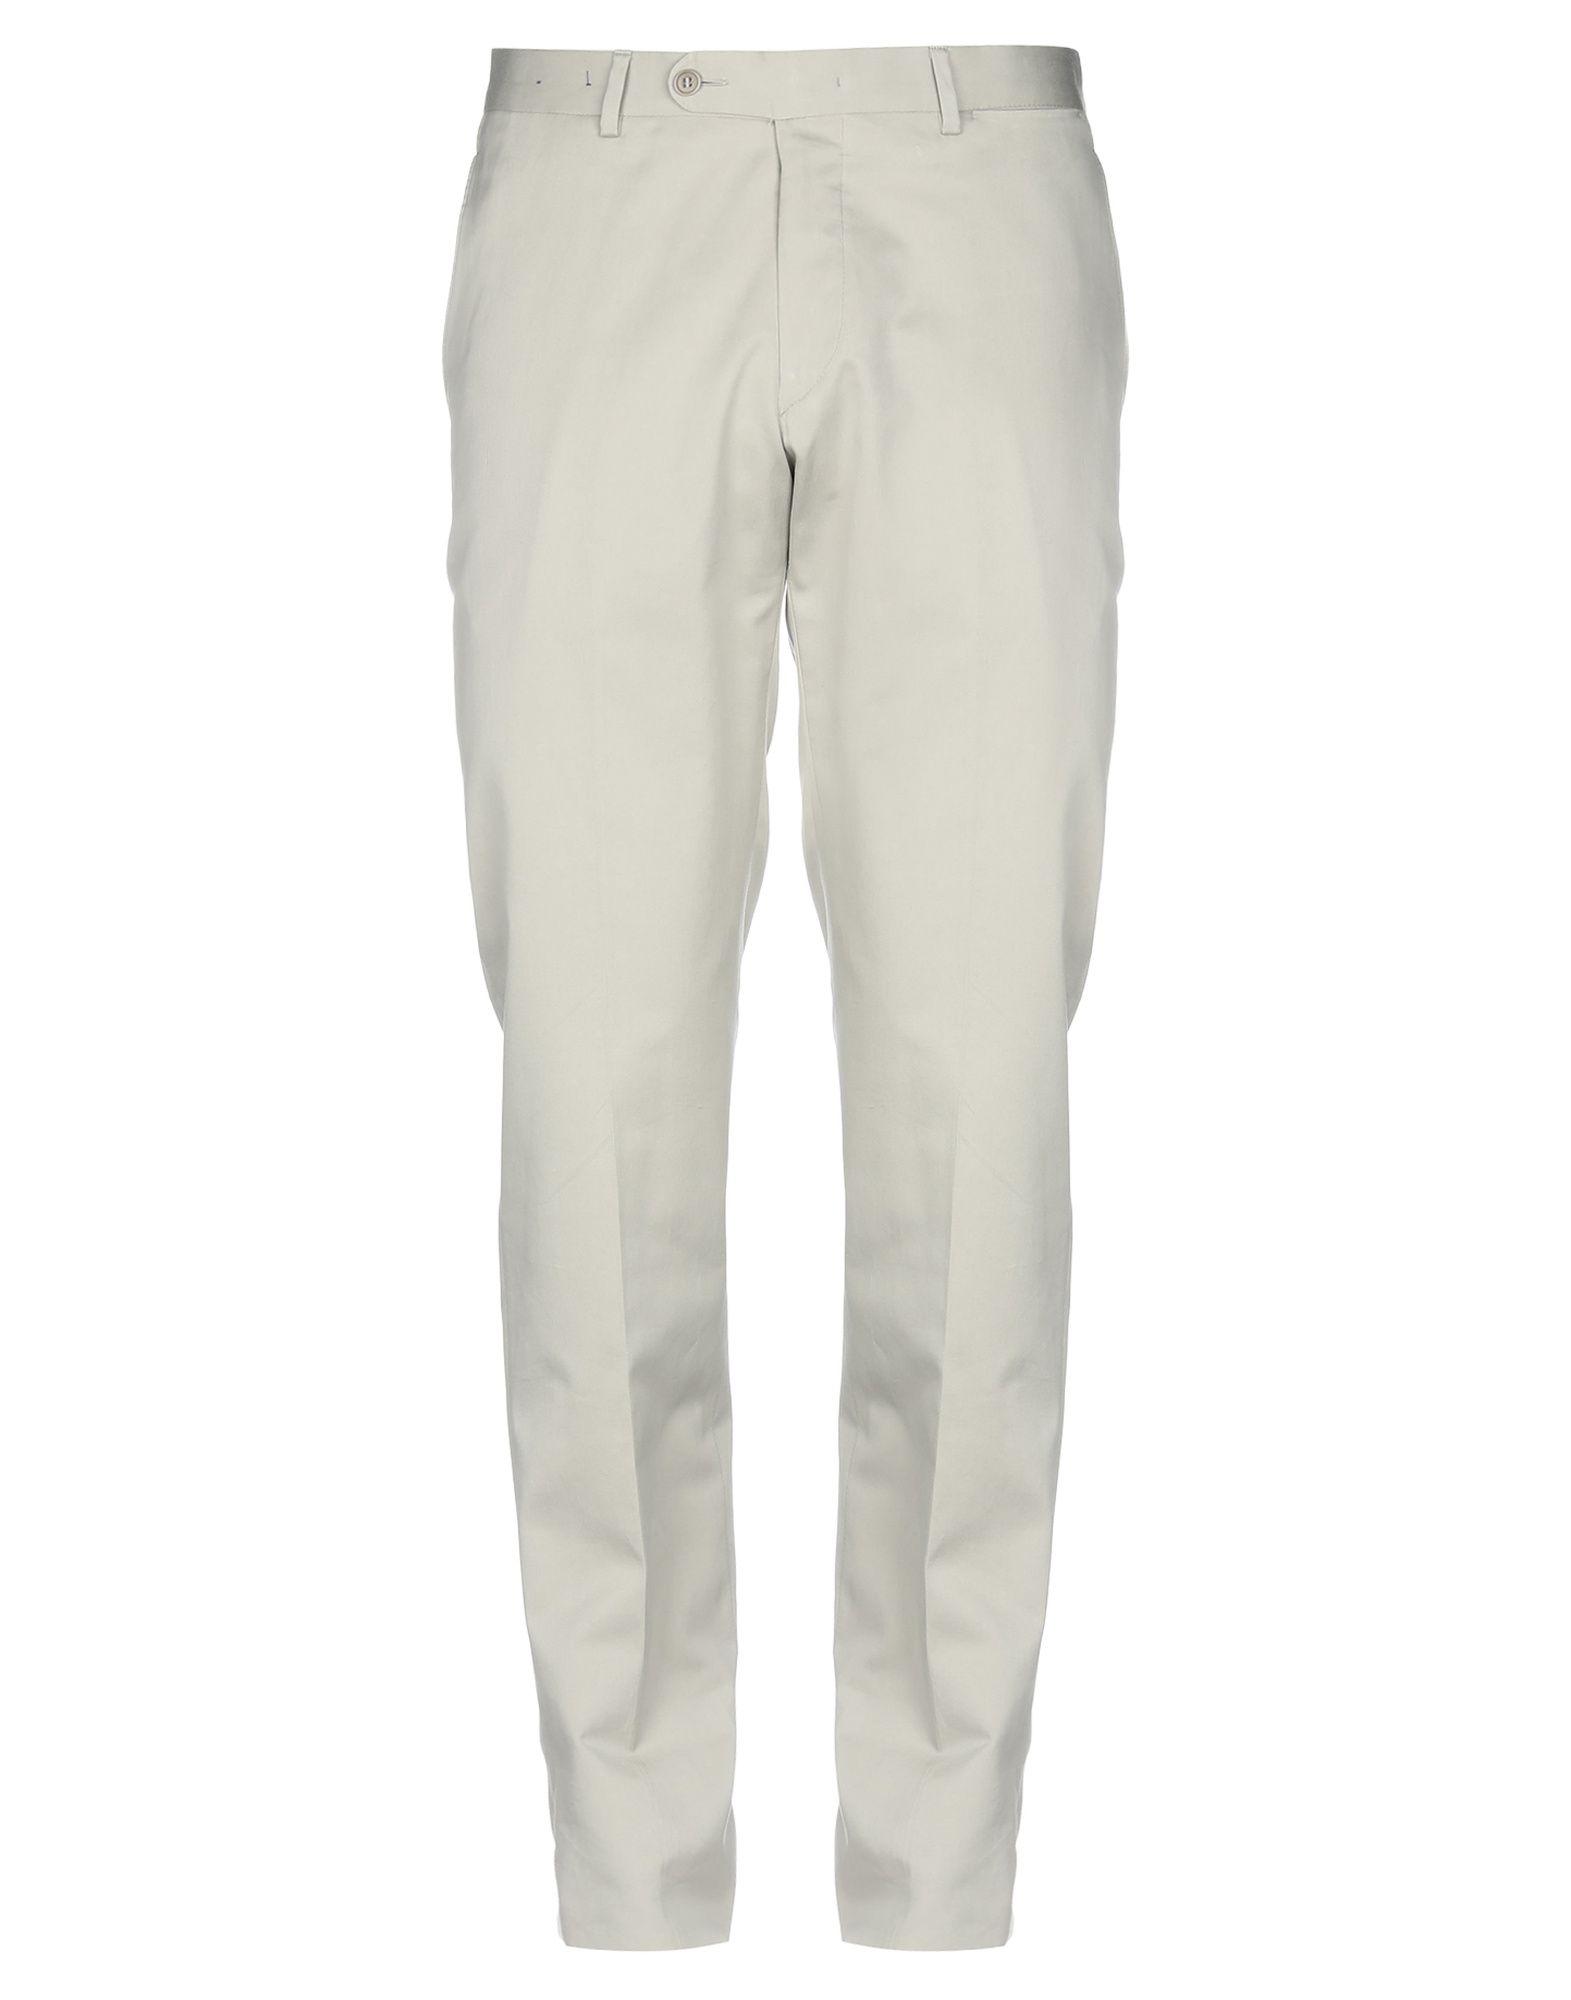 《送料無料》SARTORIA CASTANGIA メンズ パンツ ライトグレー 44 マココットン 100%